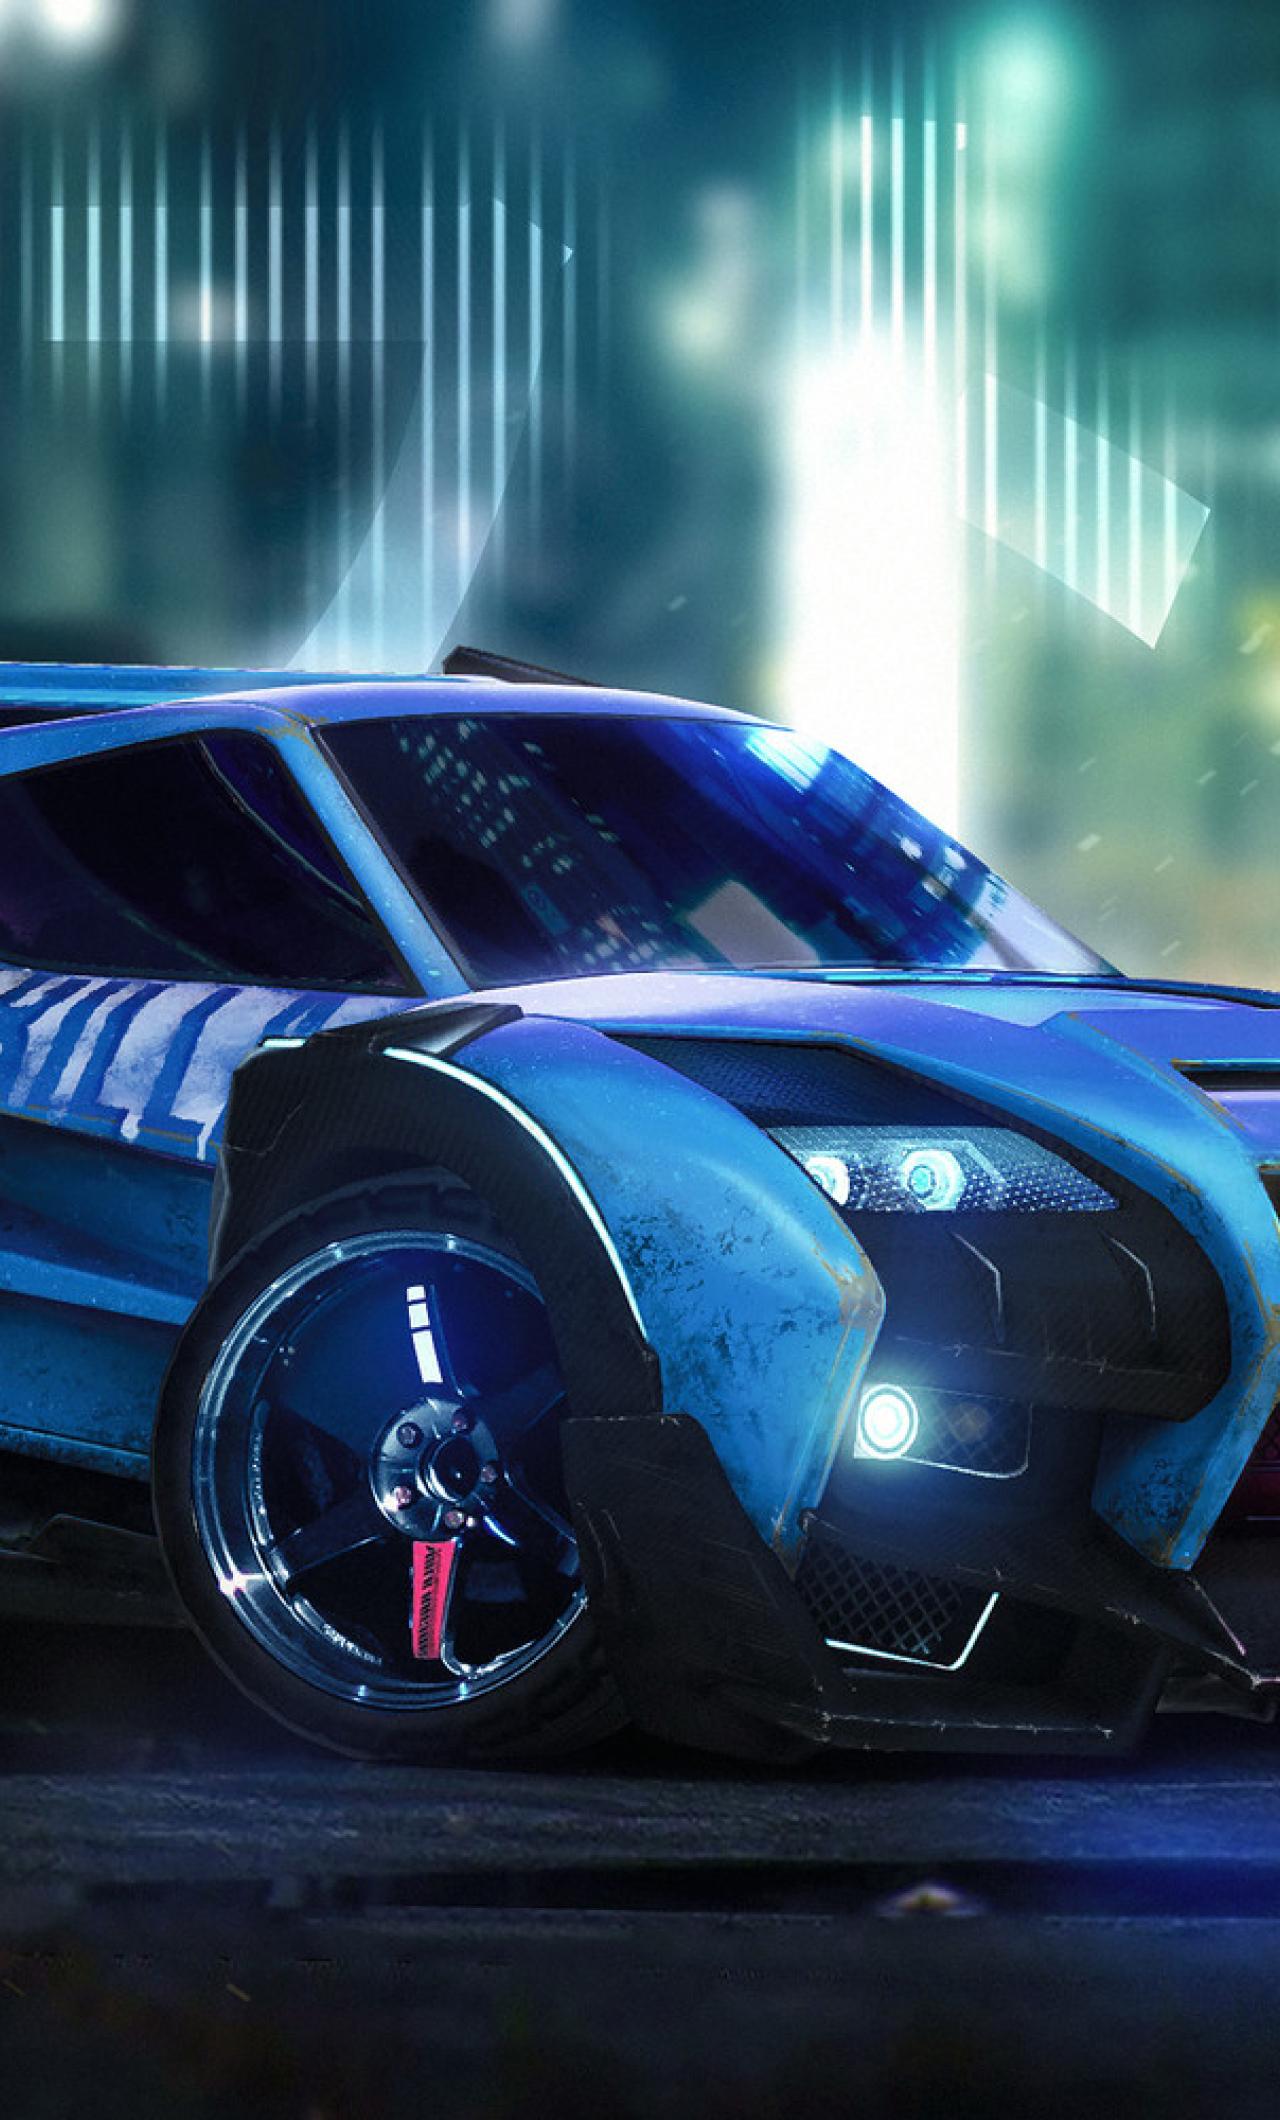 Rocket League Car Artwork Full Hd Wallpaper